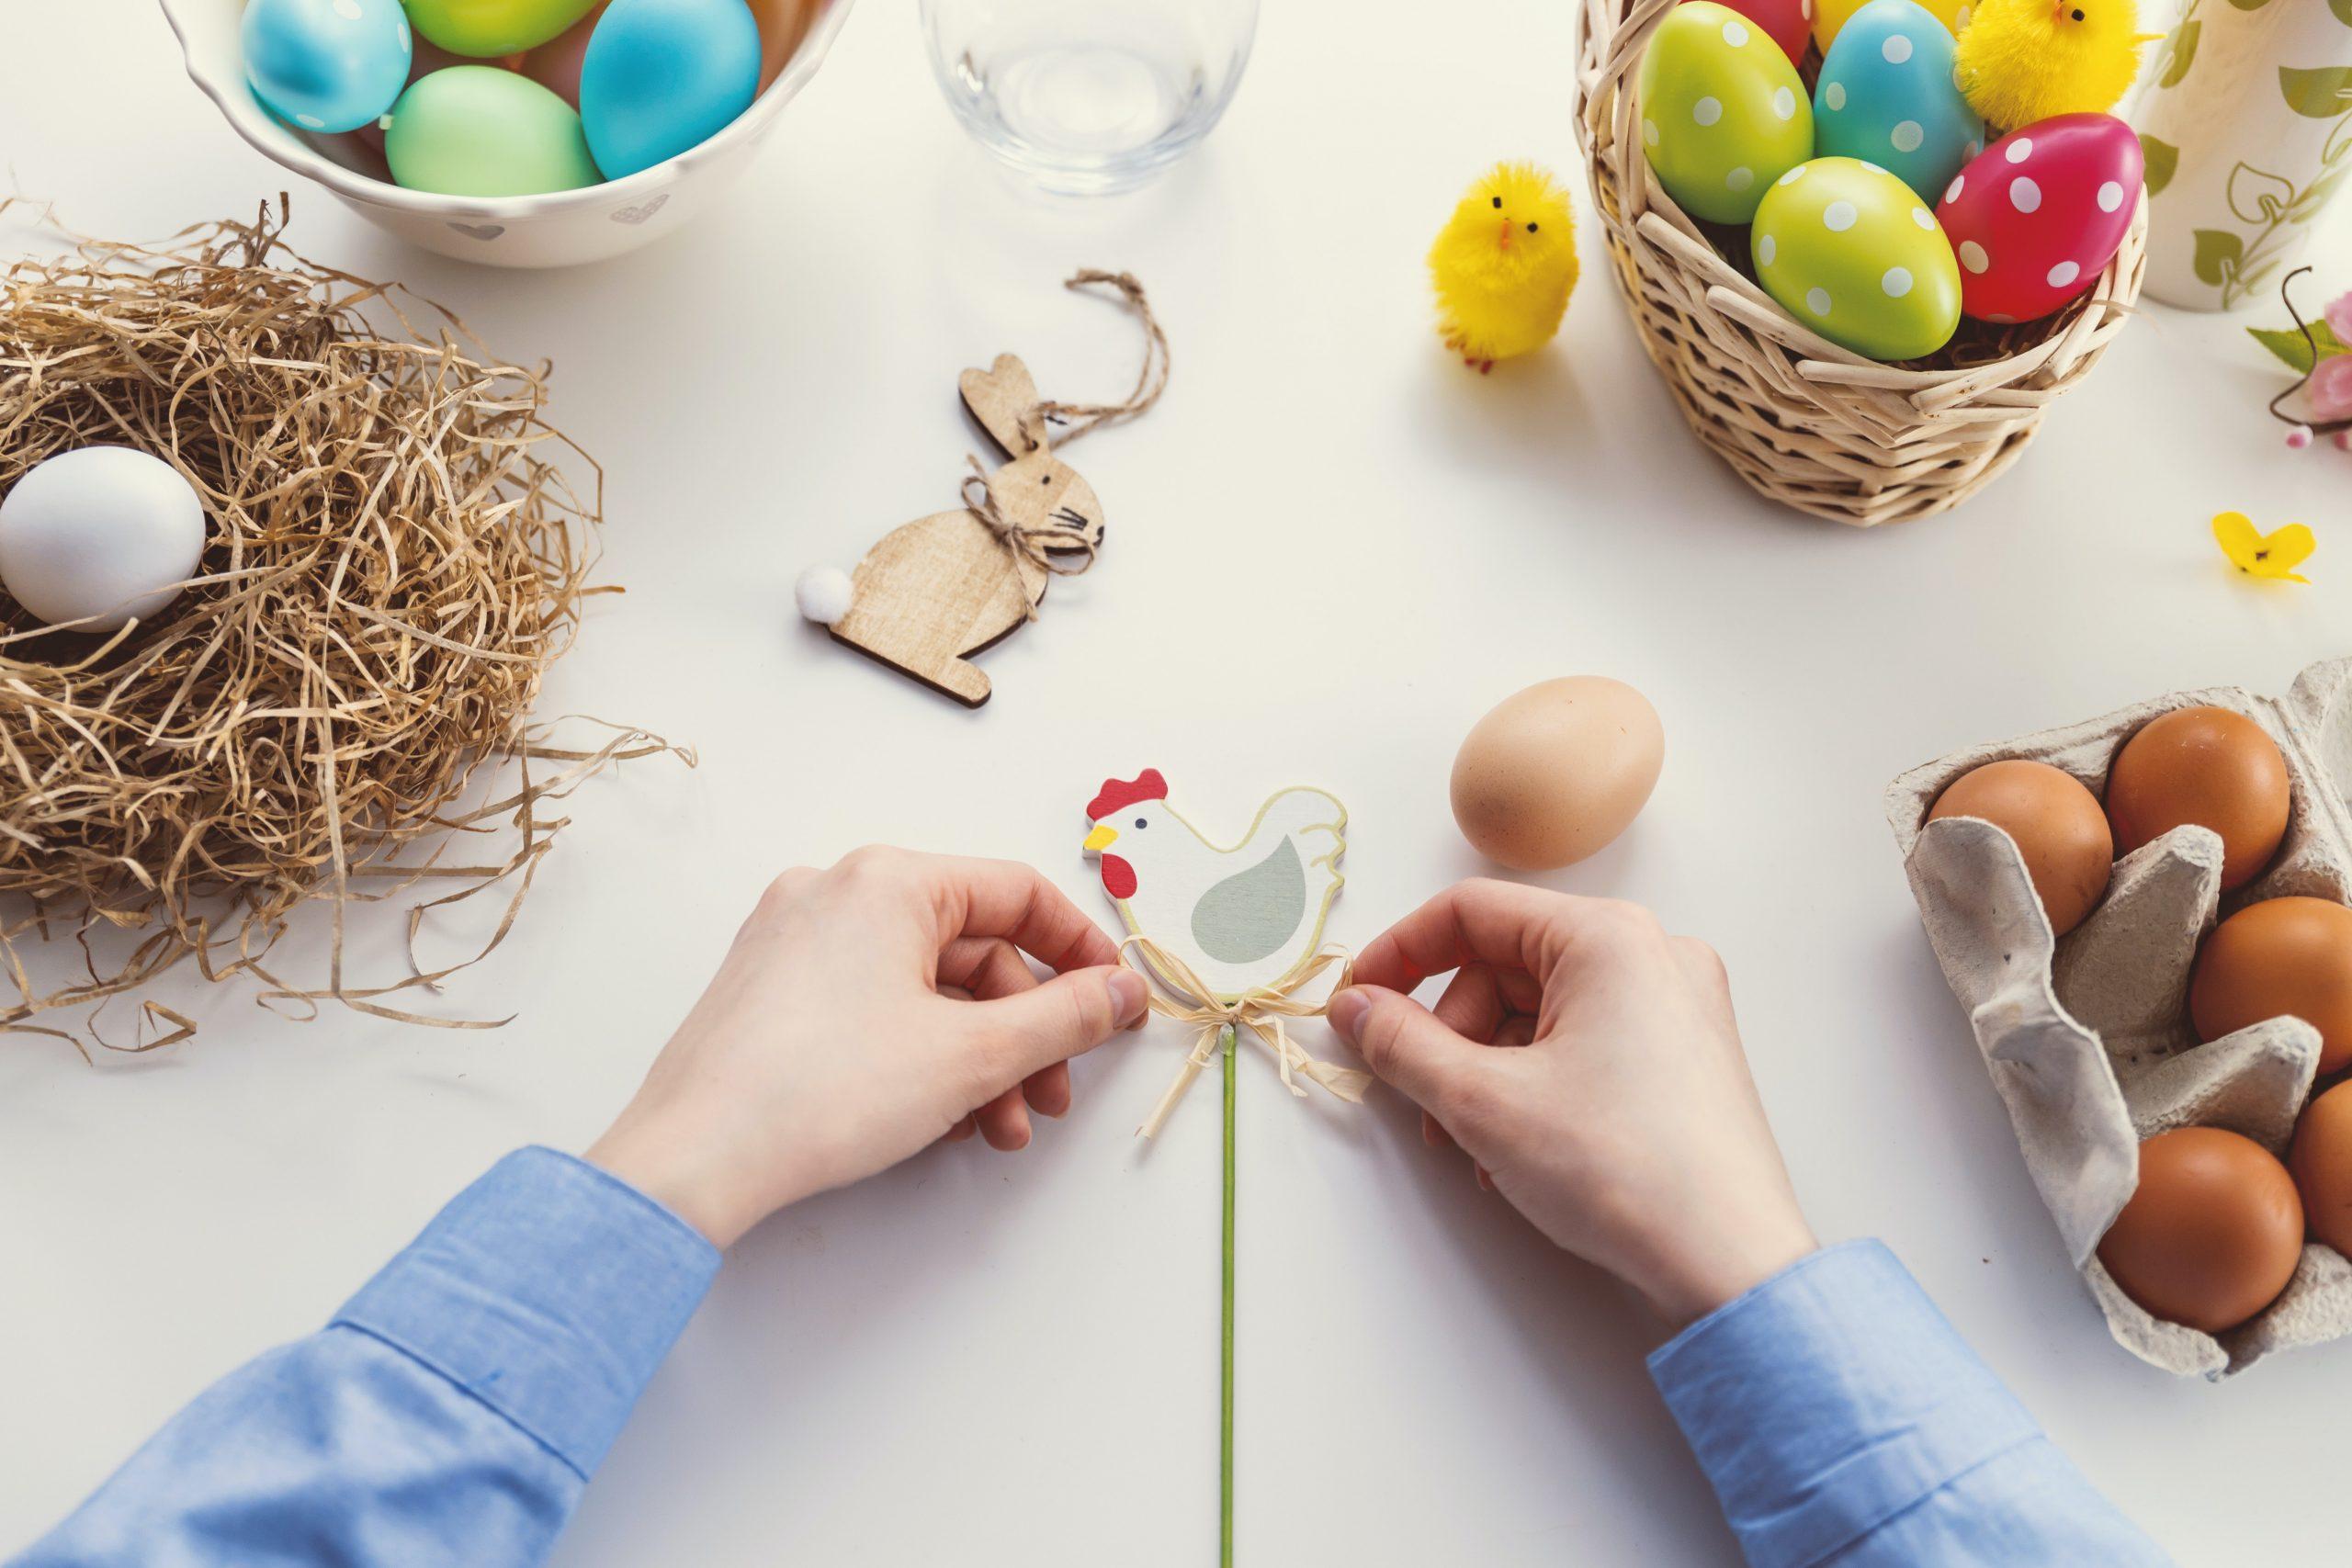 Comment préparer ses campagnes d'influence pour Pâques ?